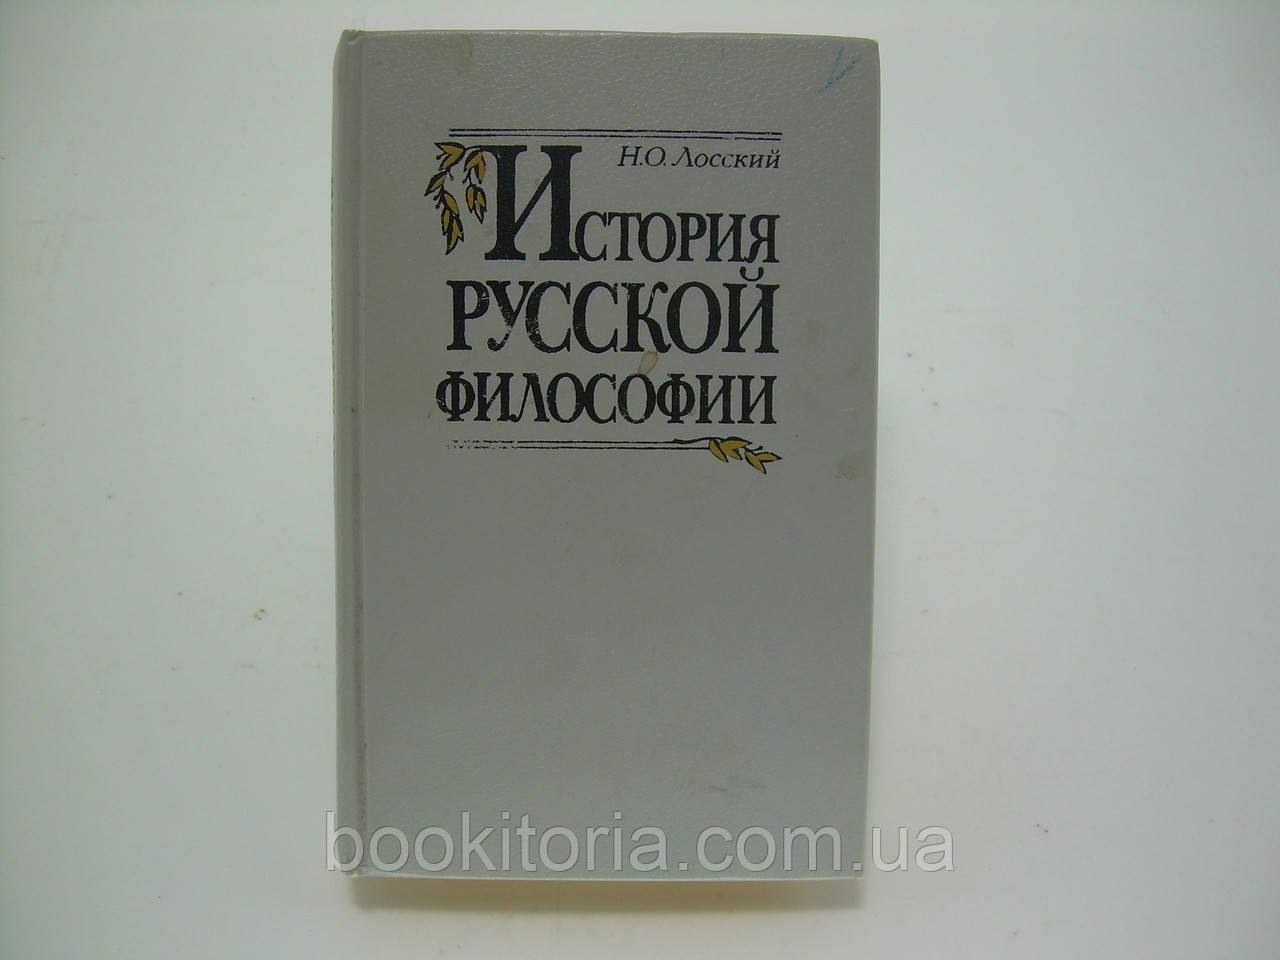 Б/у. Лосский Н.О. История русской философии.